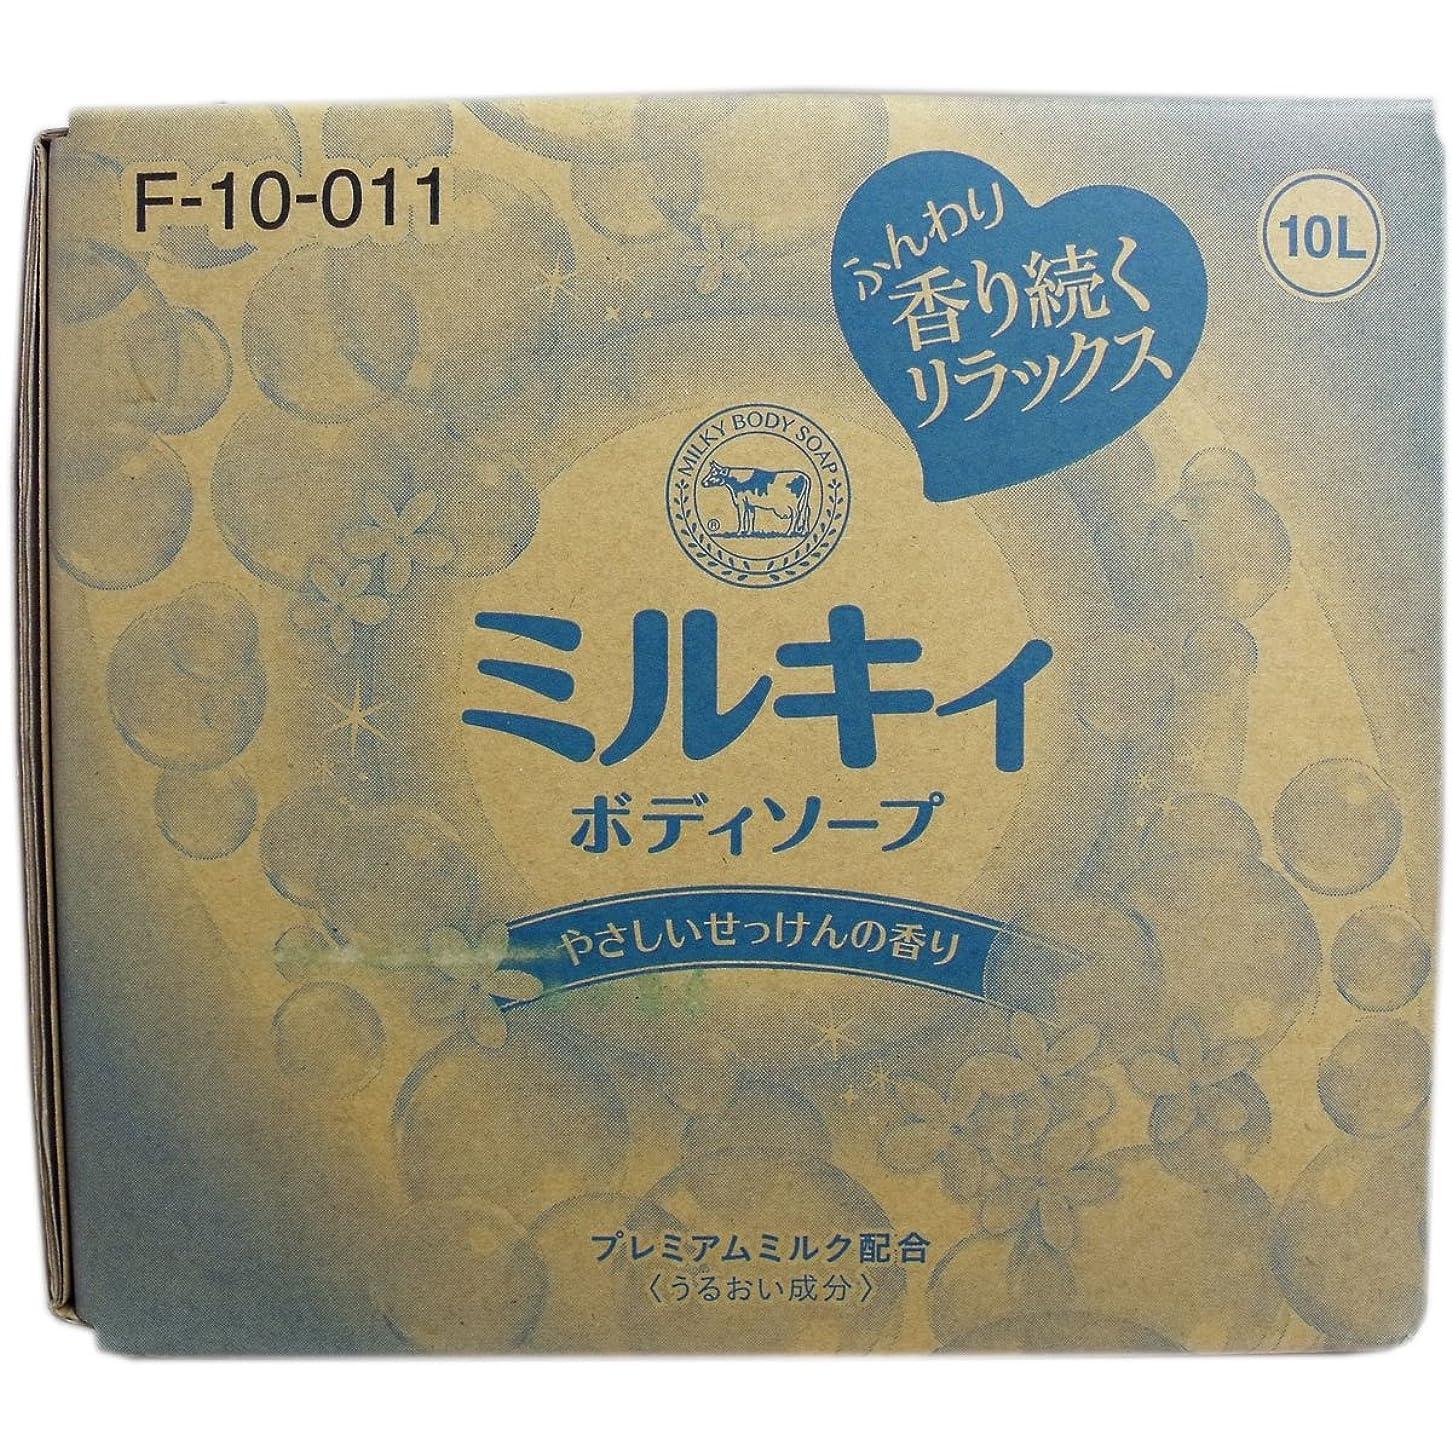 成功するたくさん忙しい業務用ボディーソープ【牛乳石鹸 ミルキィボディソープ やさしいせっけんの香り 10L】